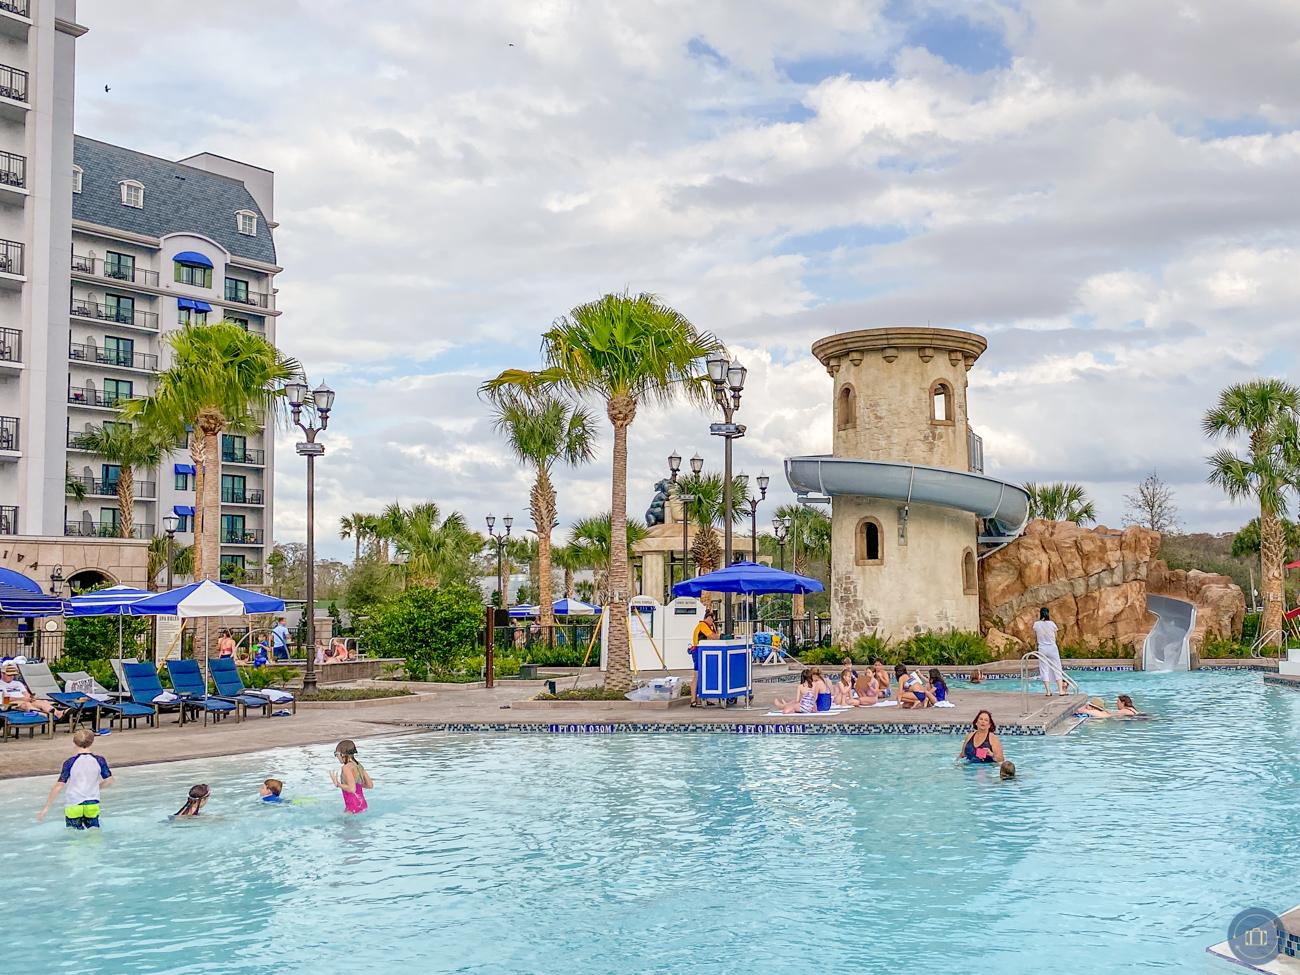 disney riviera hotel pool and waterslide